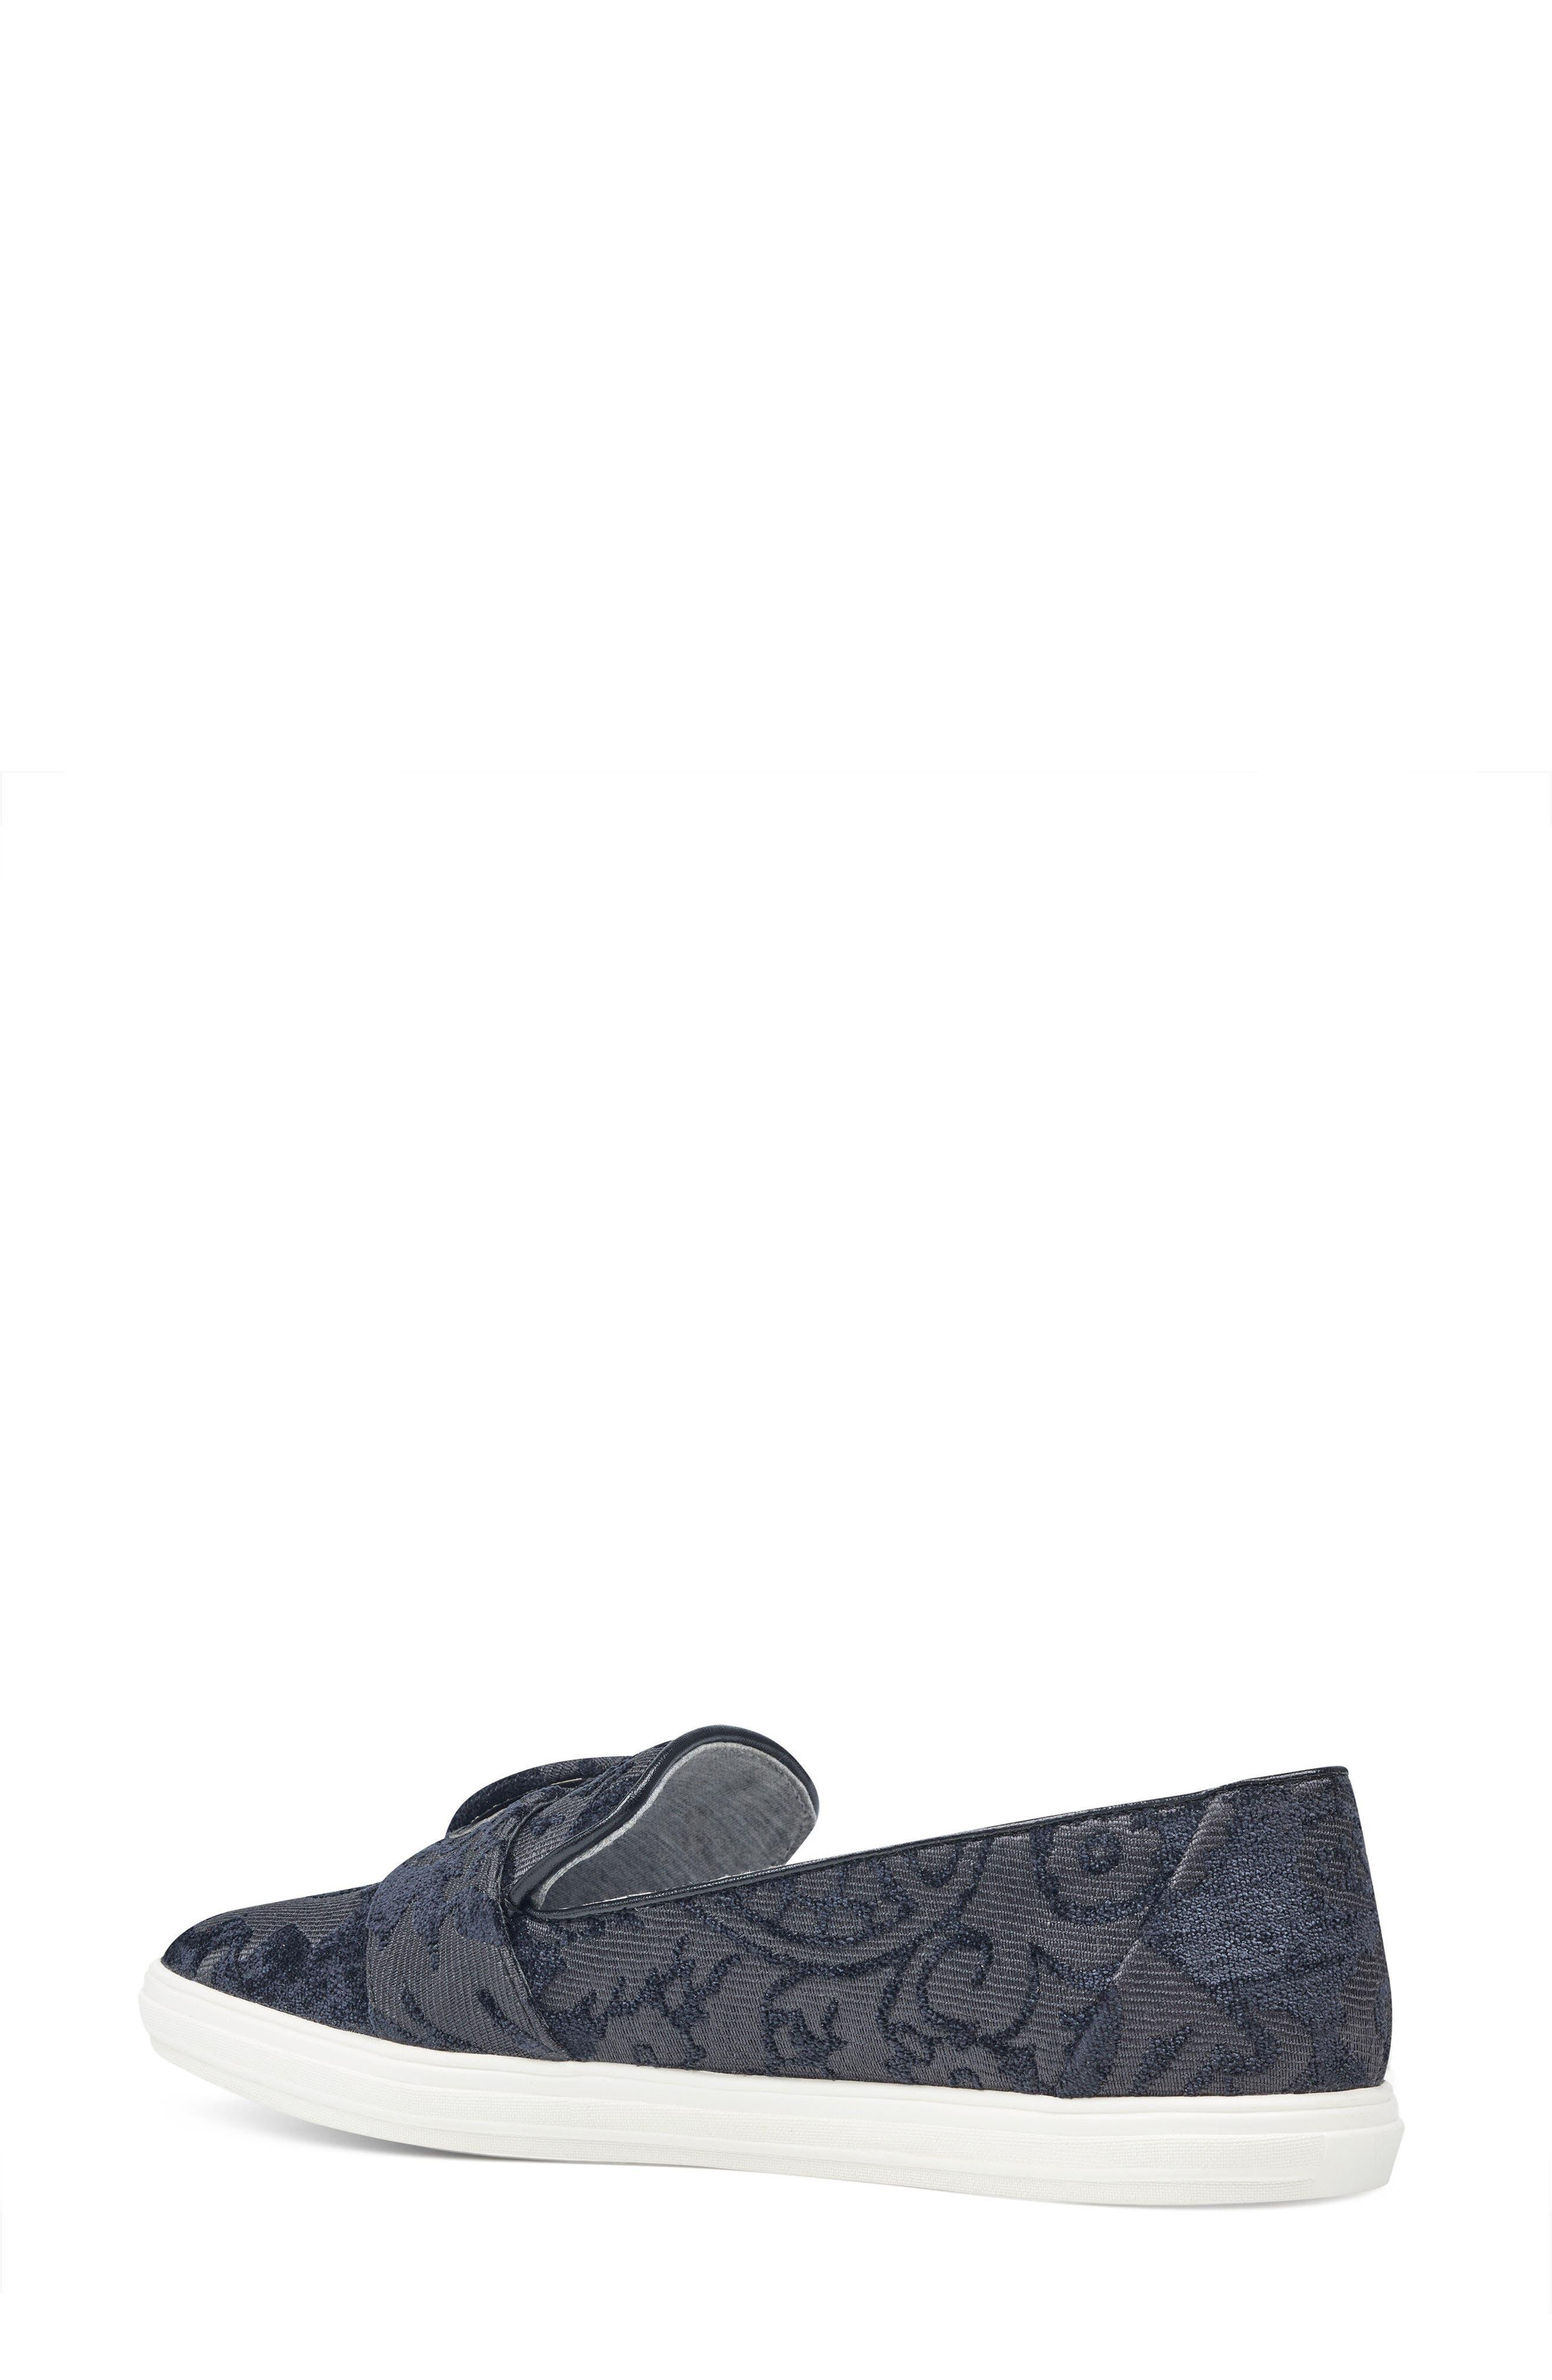 Alternate Image 2  - Nine West Shireene Slip-On Sneaker (Women)